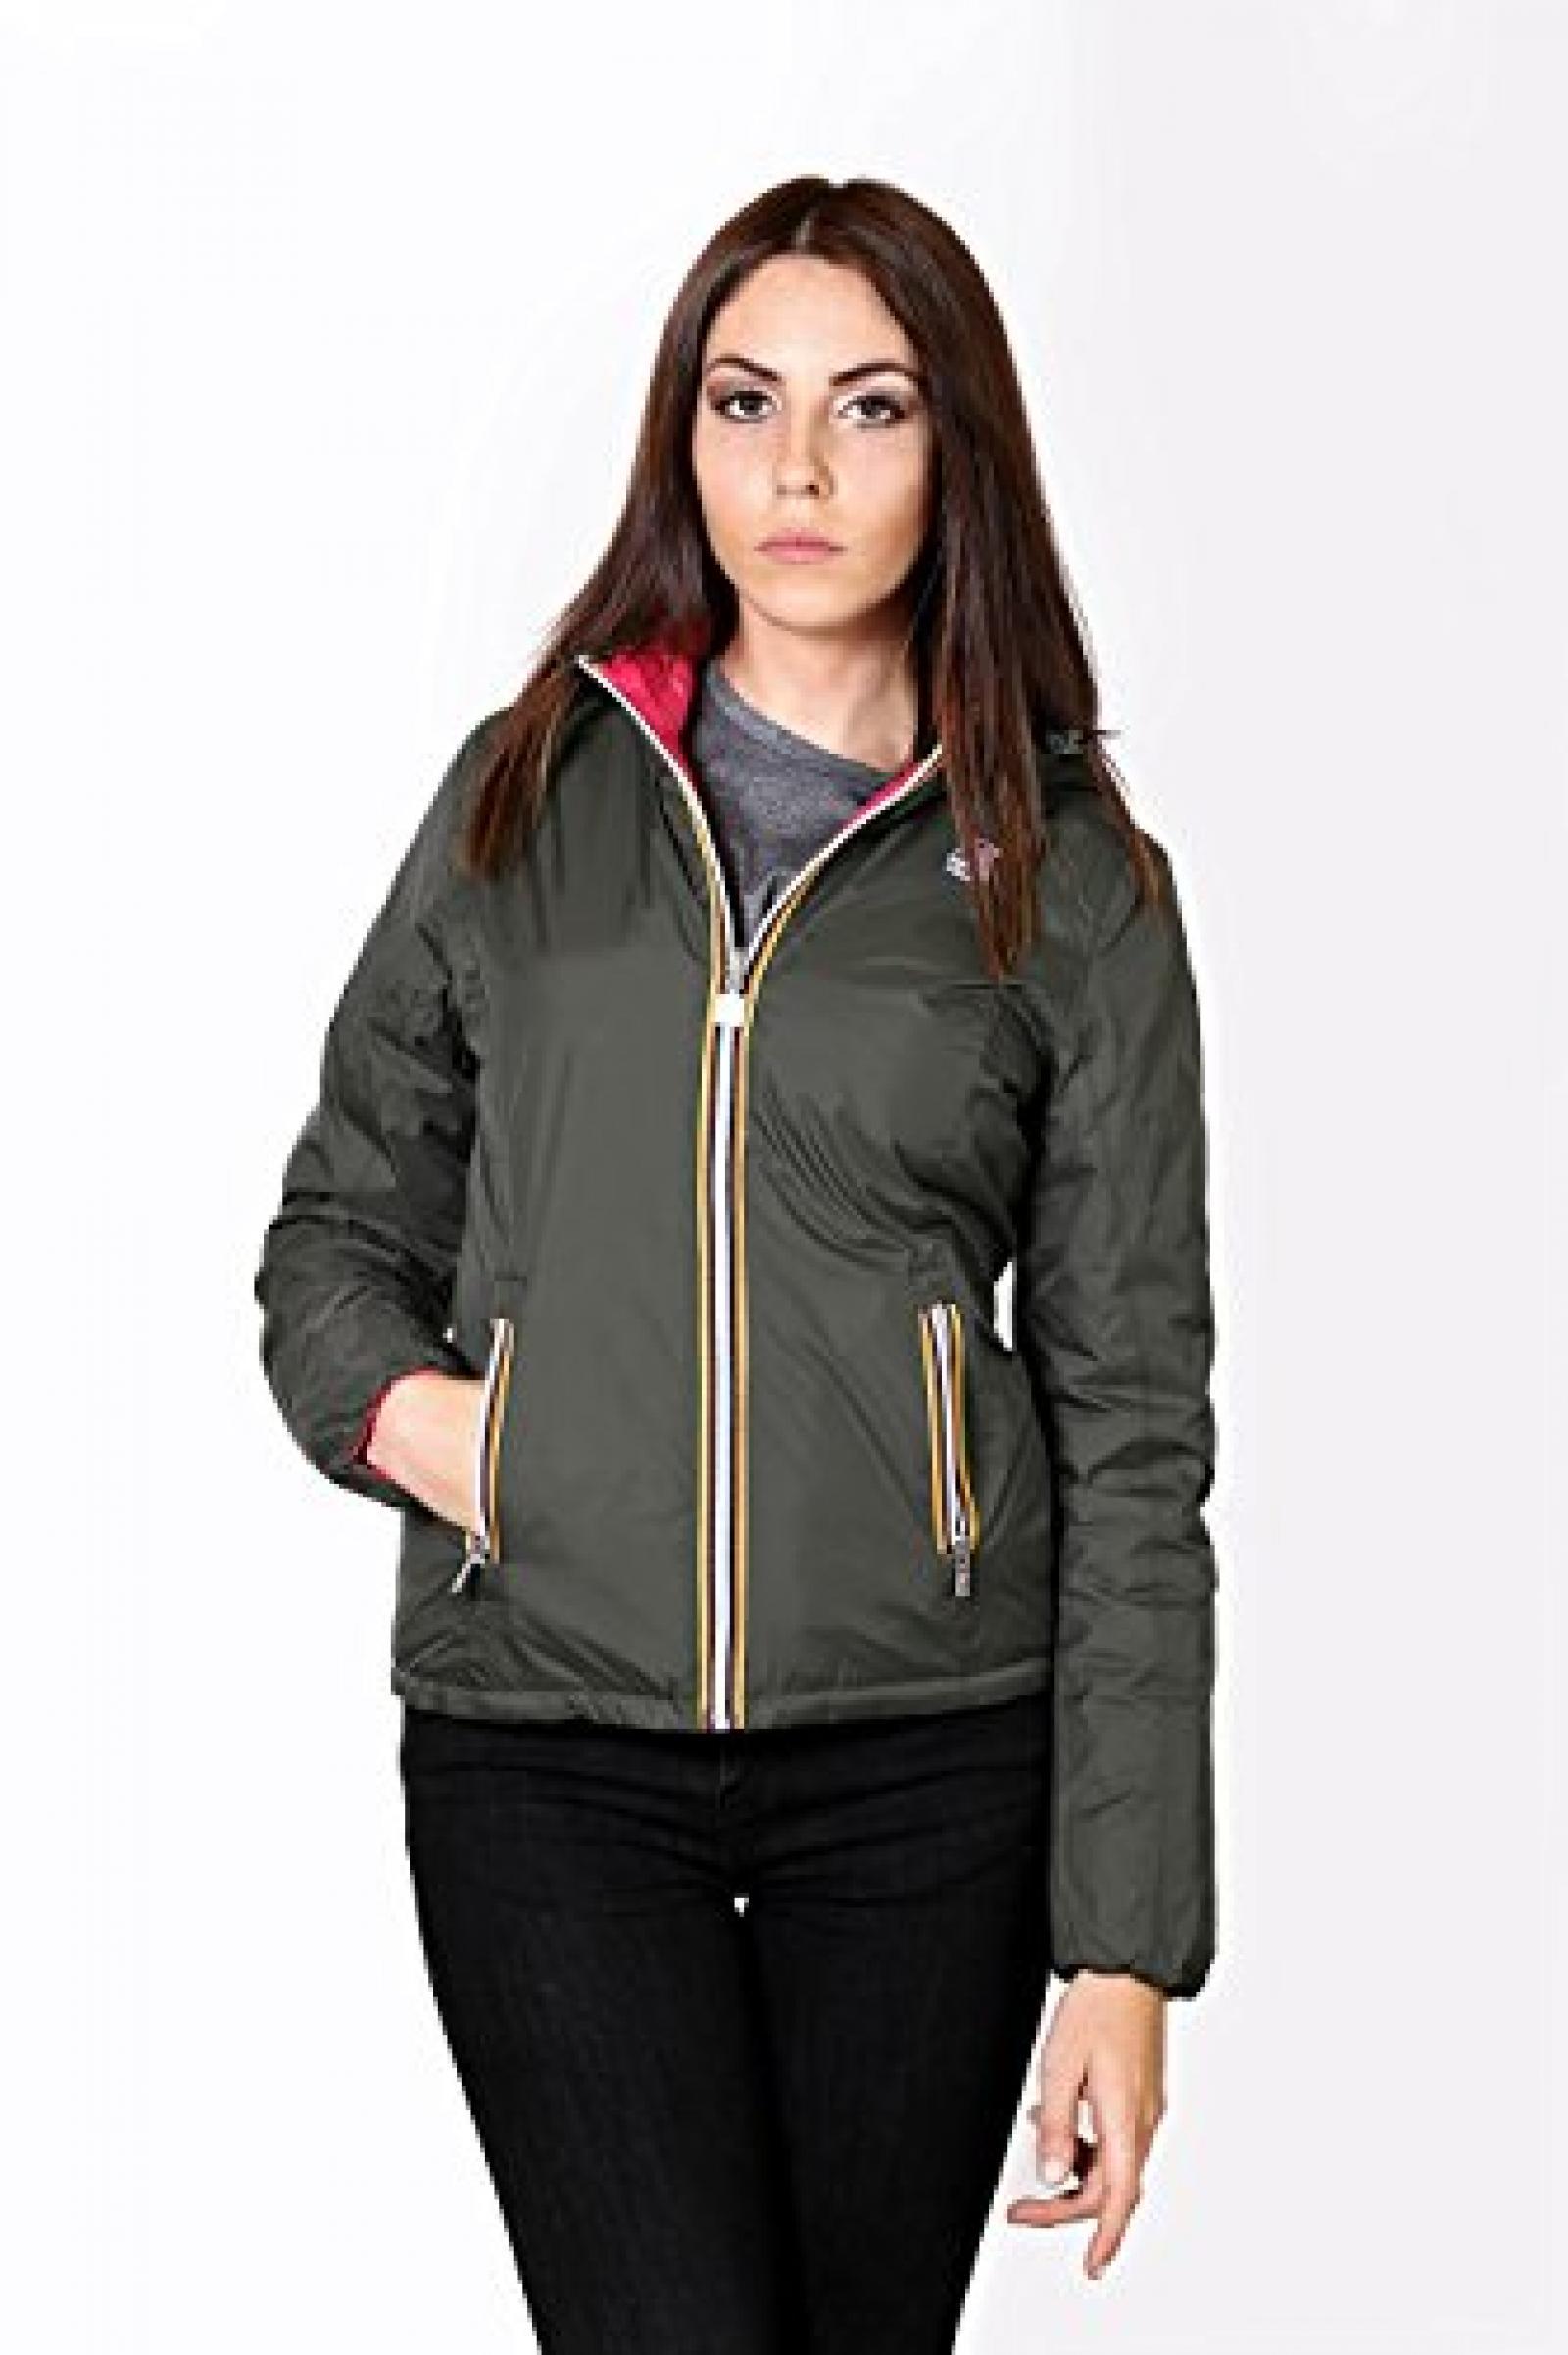 K-Way Piumino Donna Lily Thermo Plus Double Color Verde Militare-Fuxia Tg S